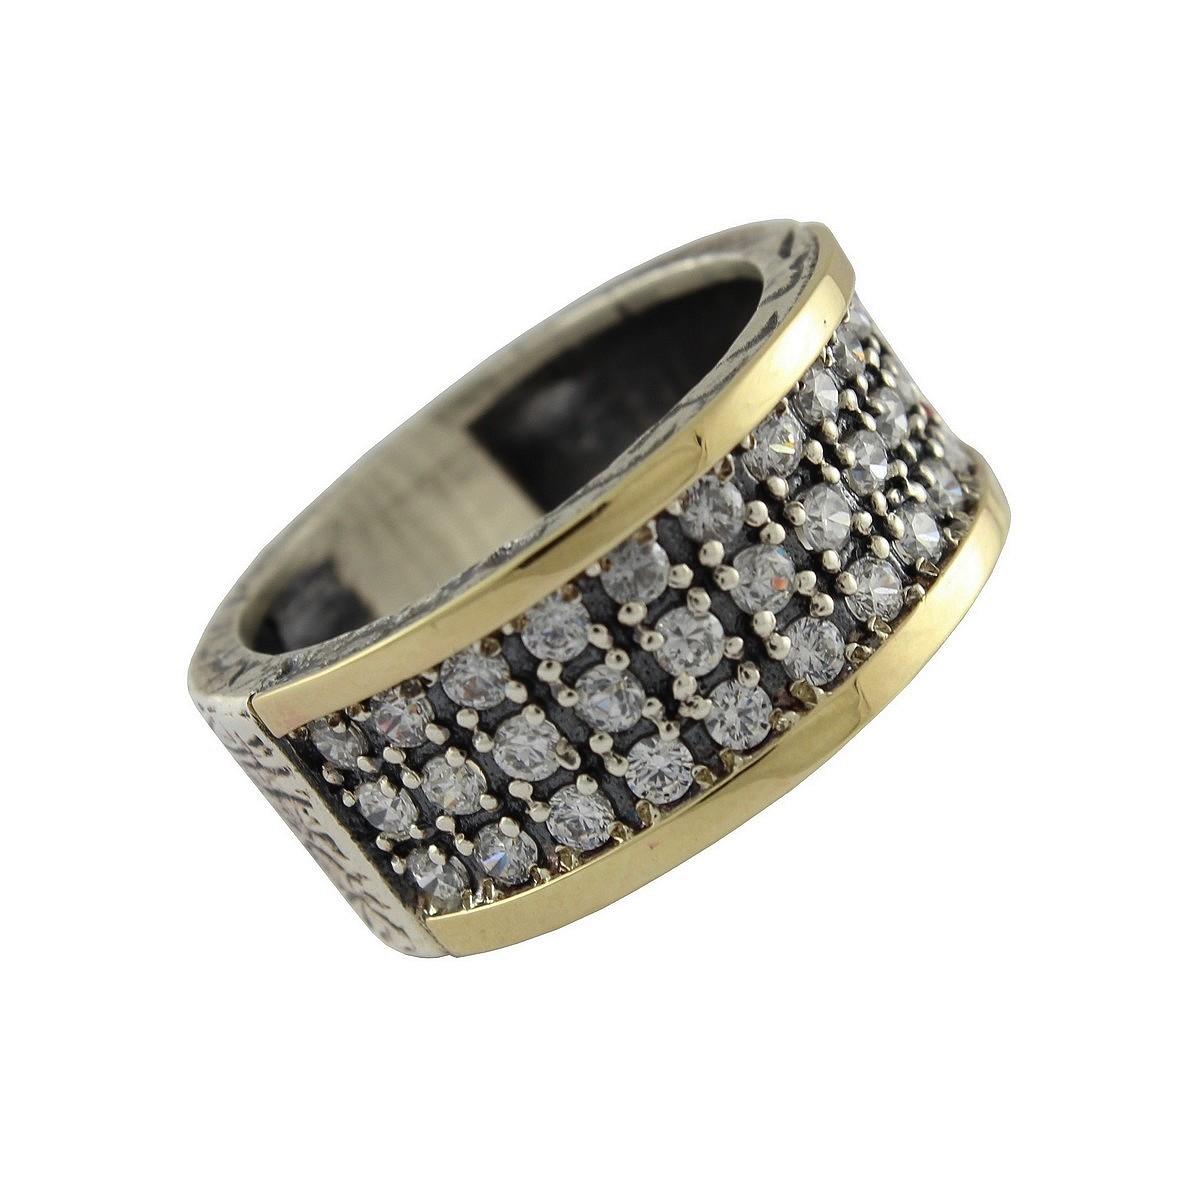 ab11d10e15f71 Anel prata e ouro compre anel prata e ouro jpg 1200x1200 Ouro anel de prata